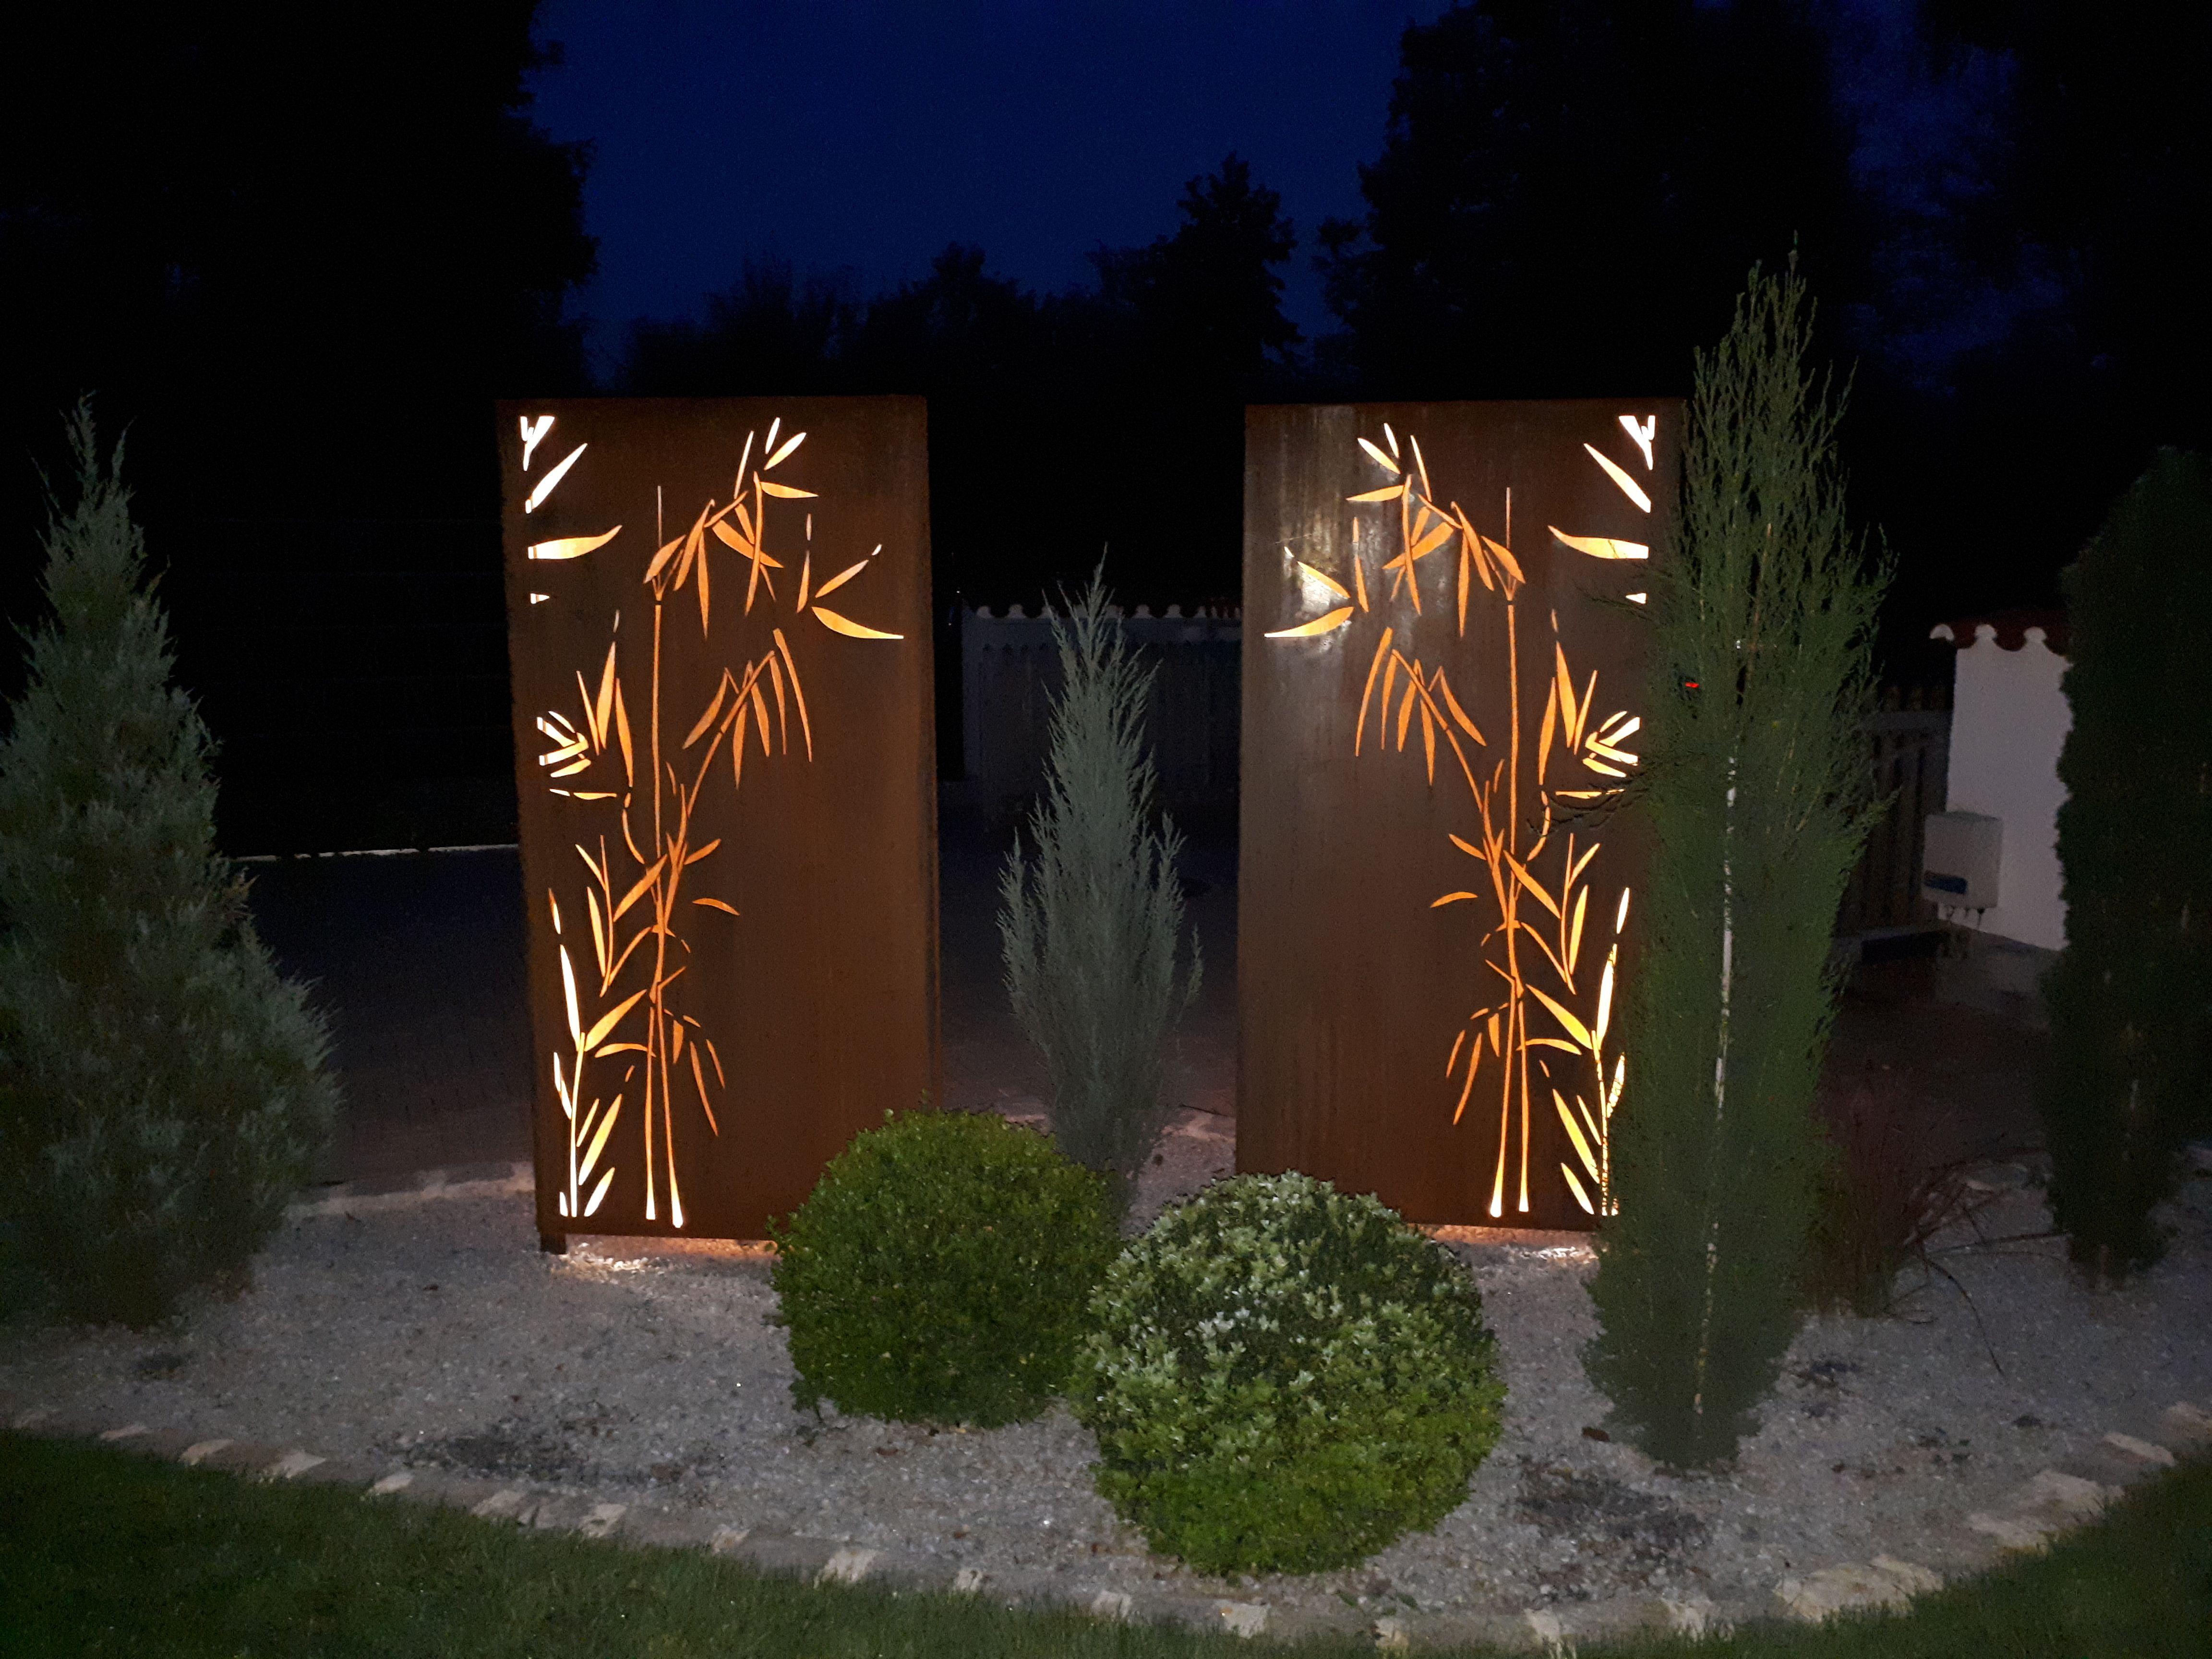 Sichtschutz Fur Den Garten Aus Corten Stahl Rost In Farbe